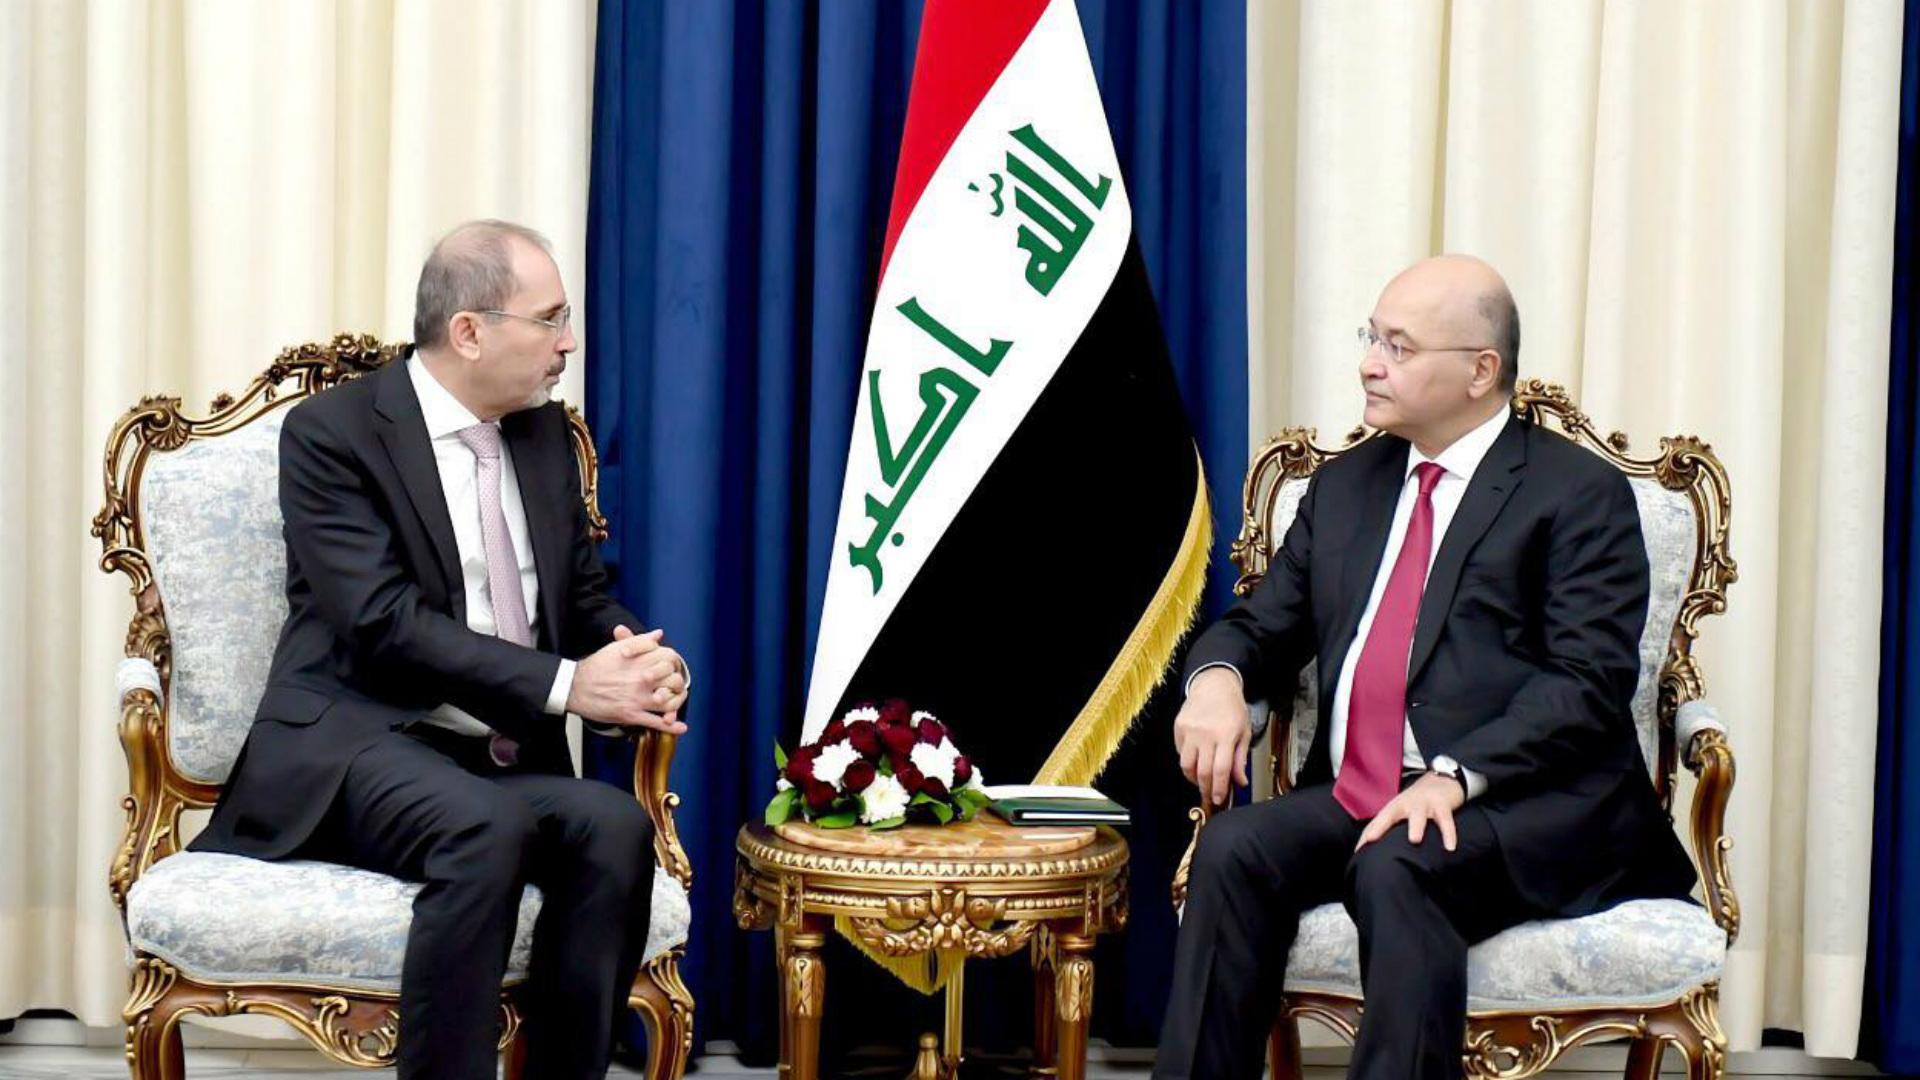 الرئيس: العراق لن يكون منطلقاً للاعتداء على دول الجوار